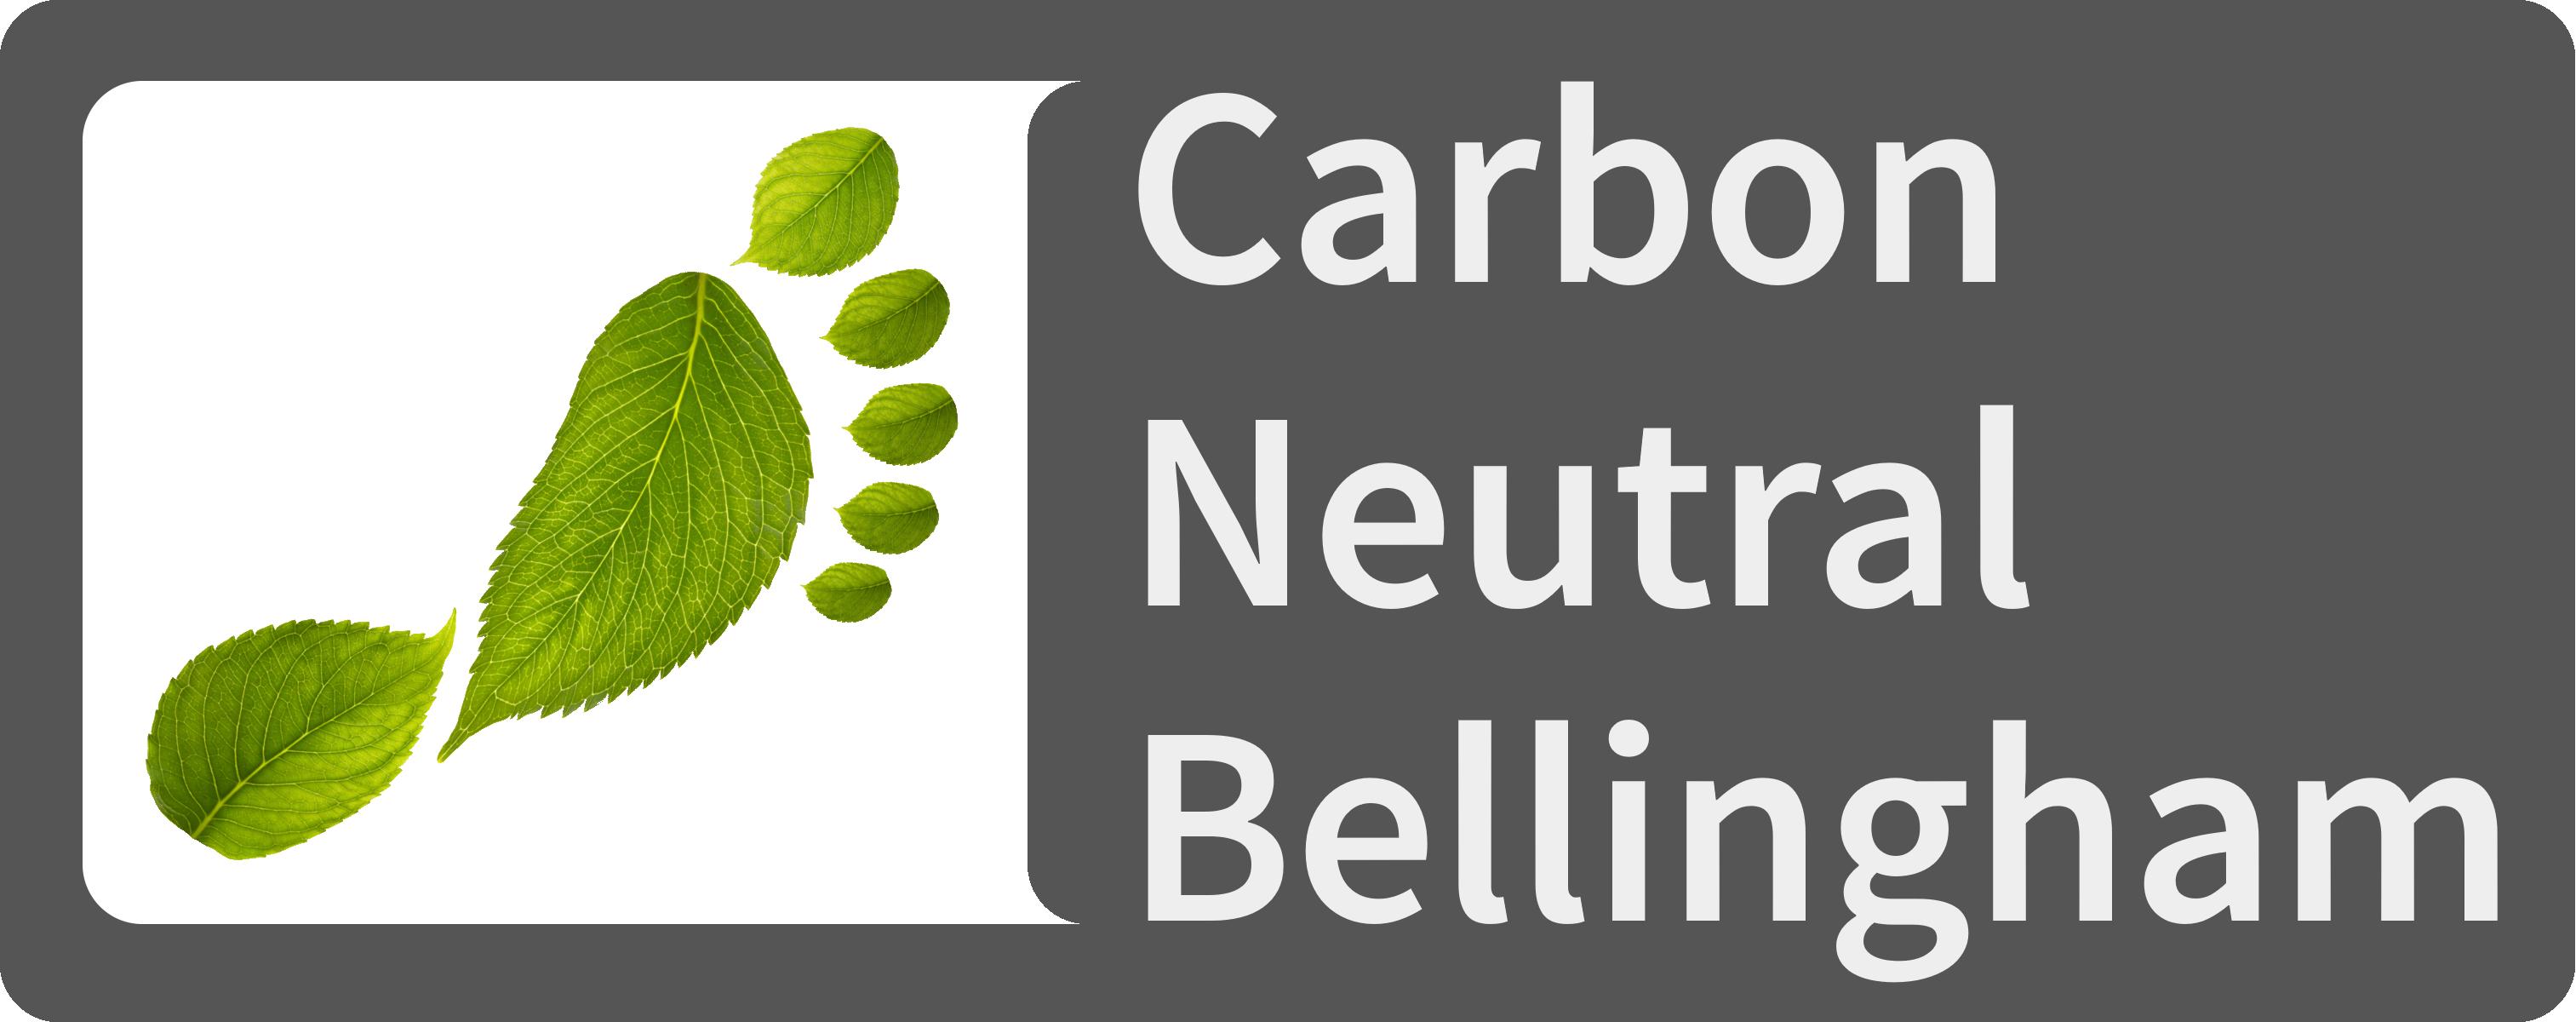 Carbon Neutral Bellingham